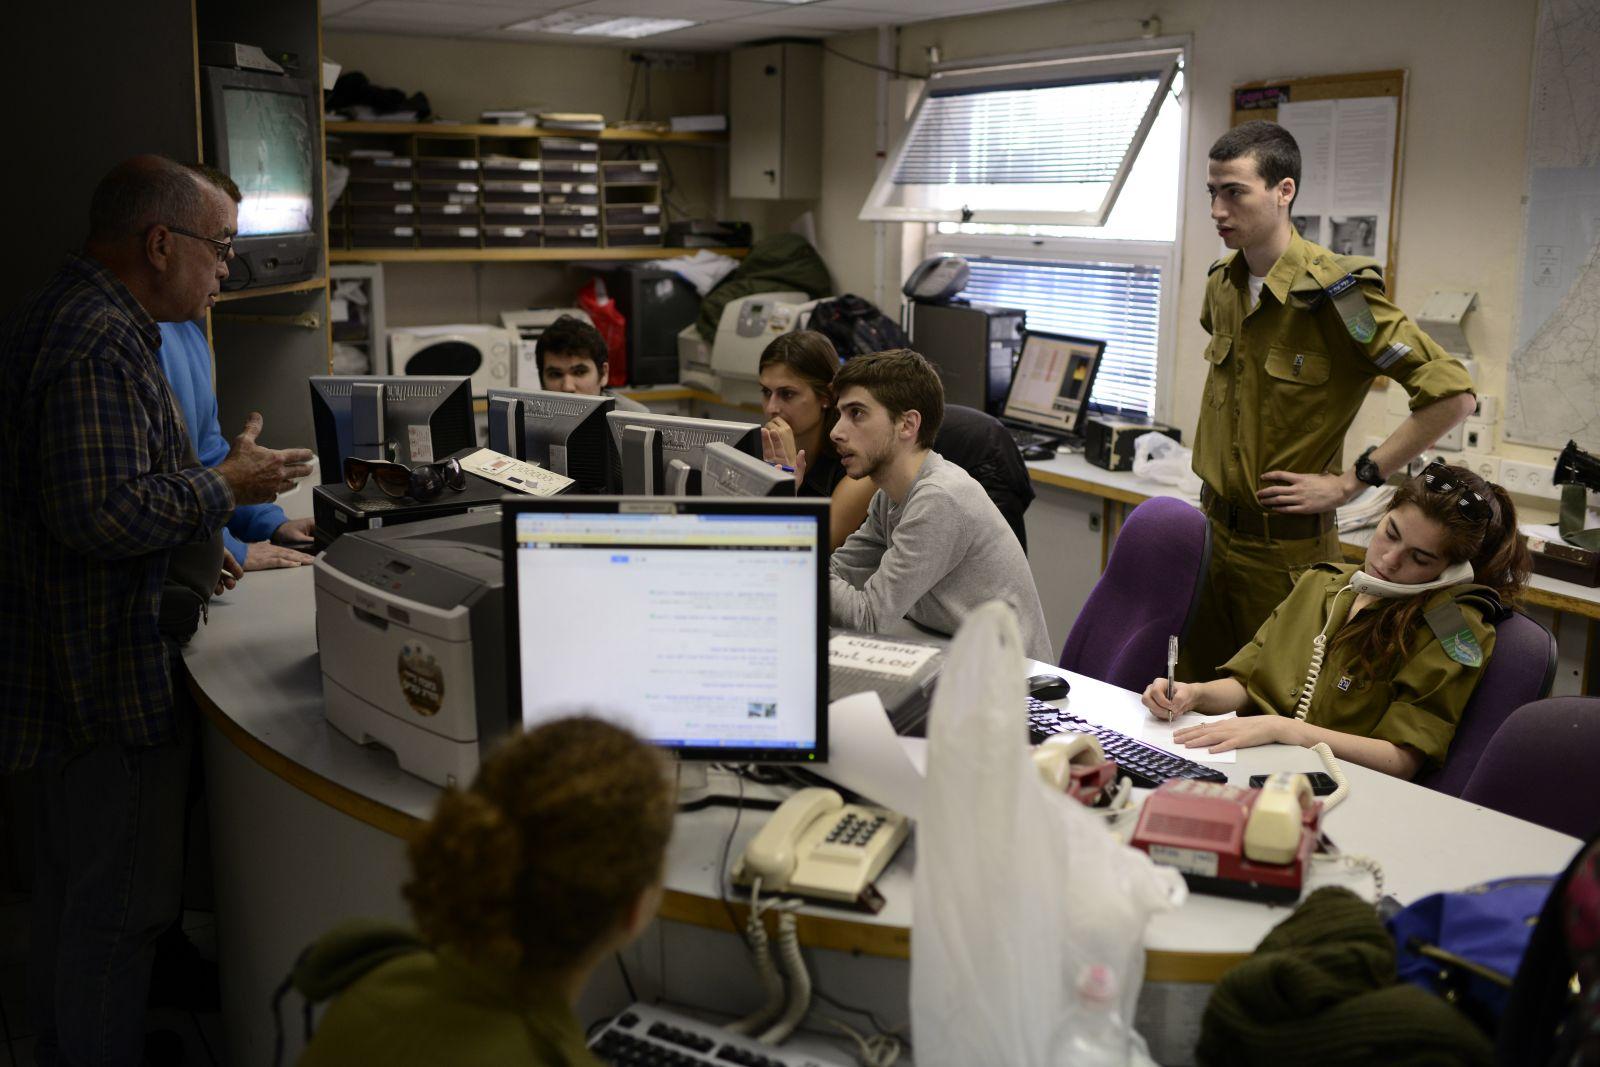 """חיילים באולפן גלי-צה""""ל, 2014. למצולמים אין קשר לכתבה (צילום: תומר נויברג)"""